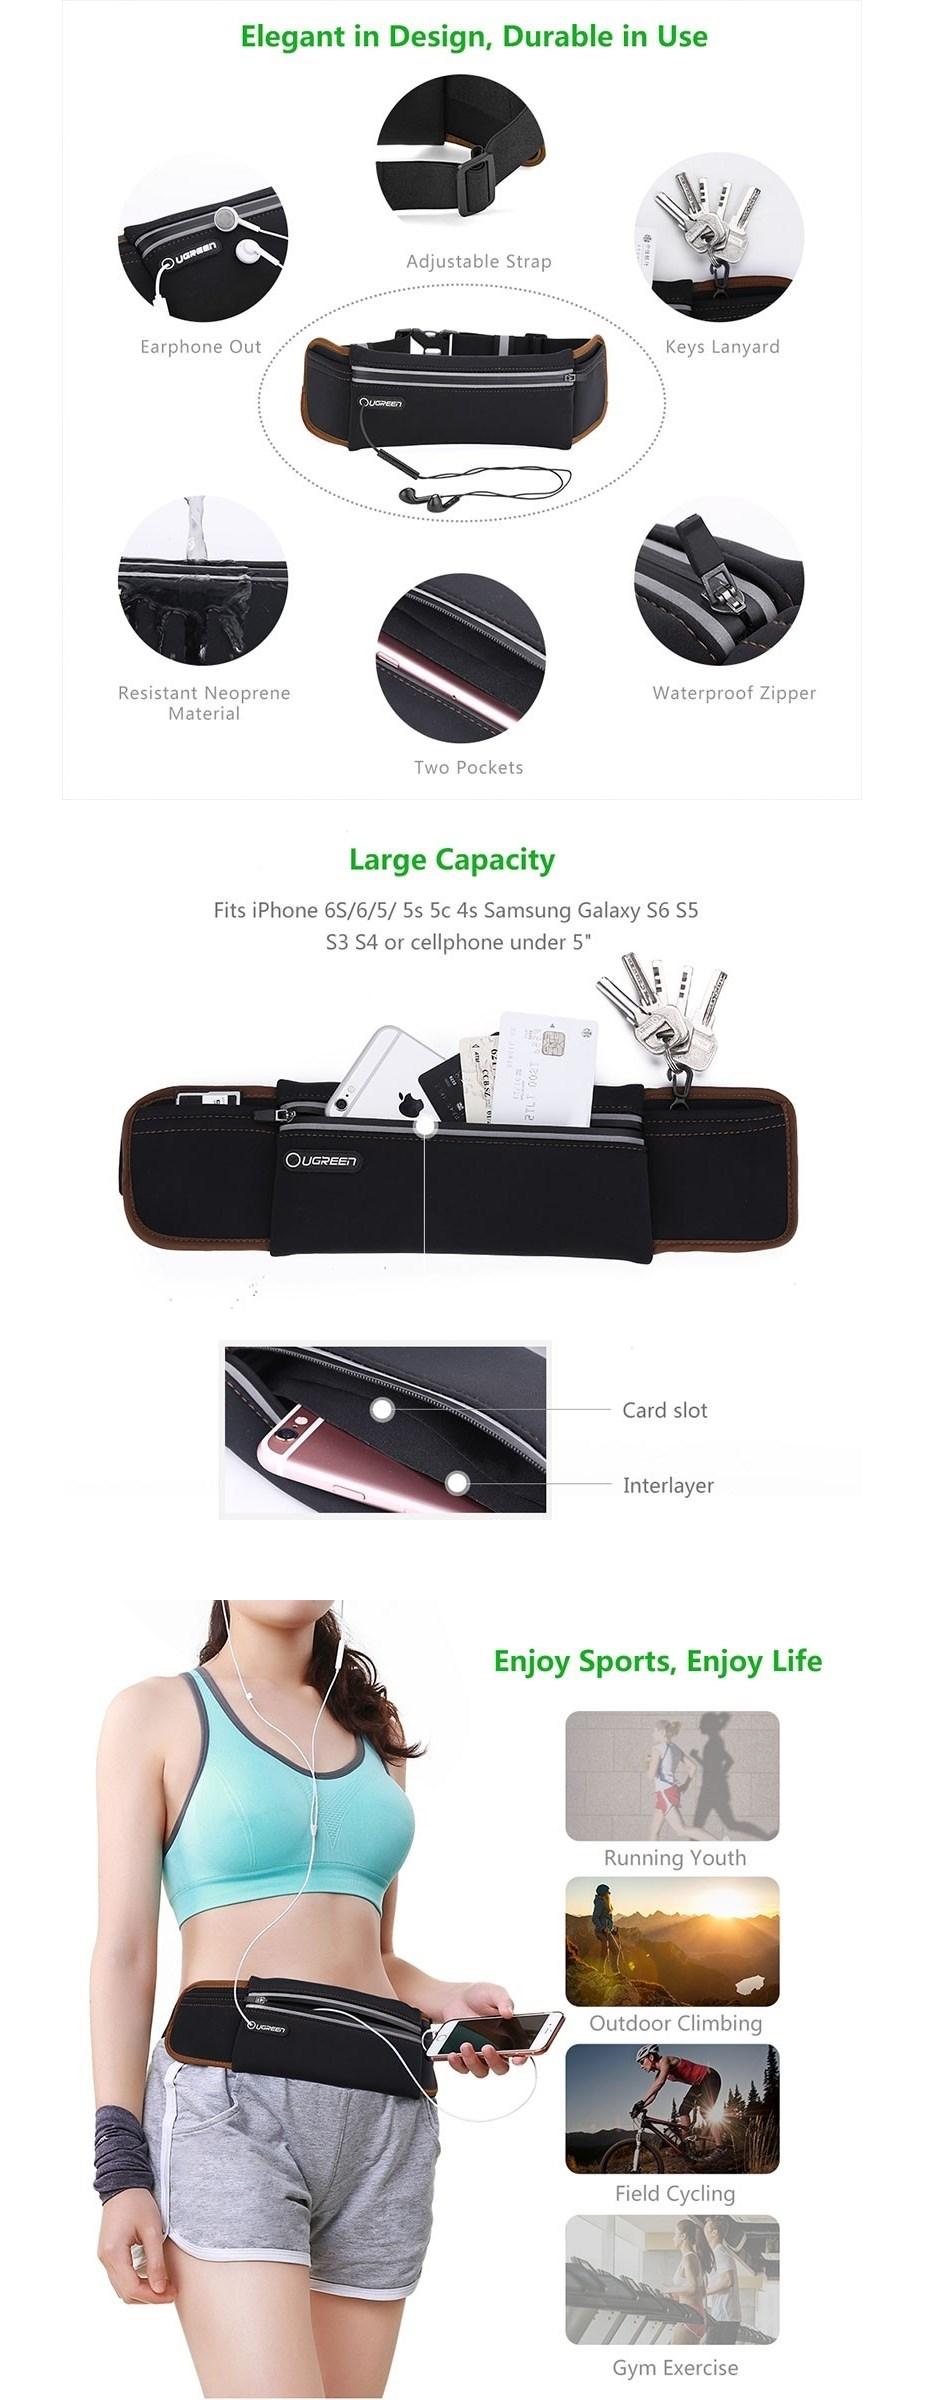 Ugreen 20818 Sport Running Waist Pack Waterproof Belt - Black - Overview 1